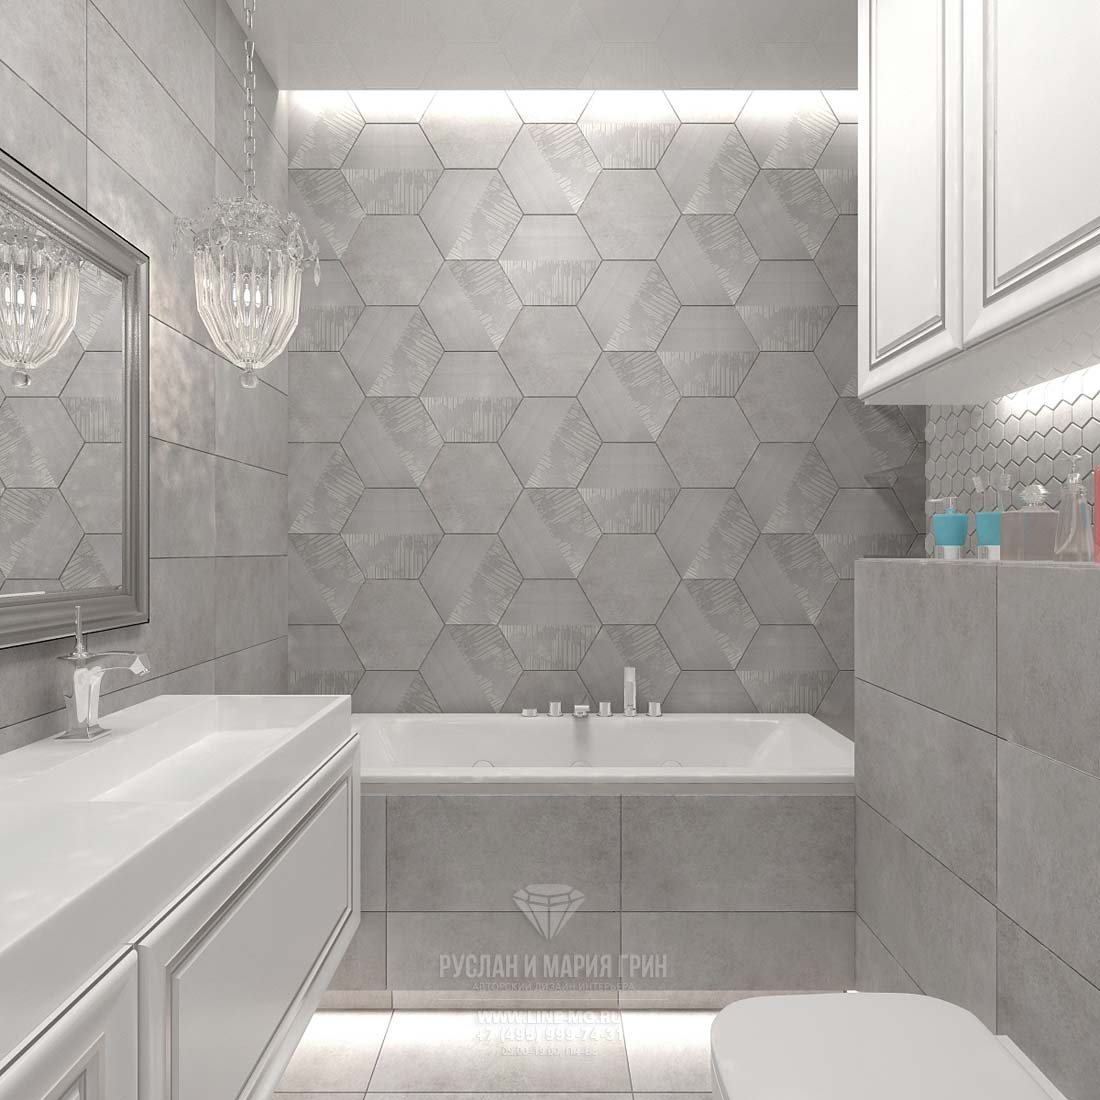 Элитный дизайн ванной комнаты: фото